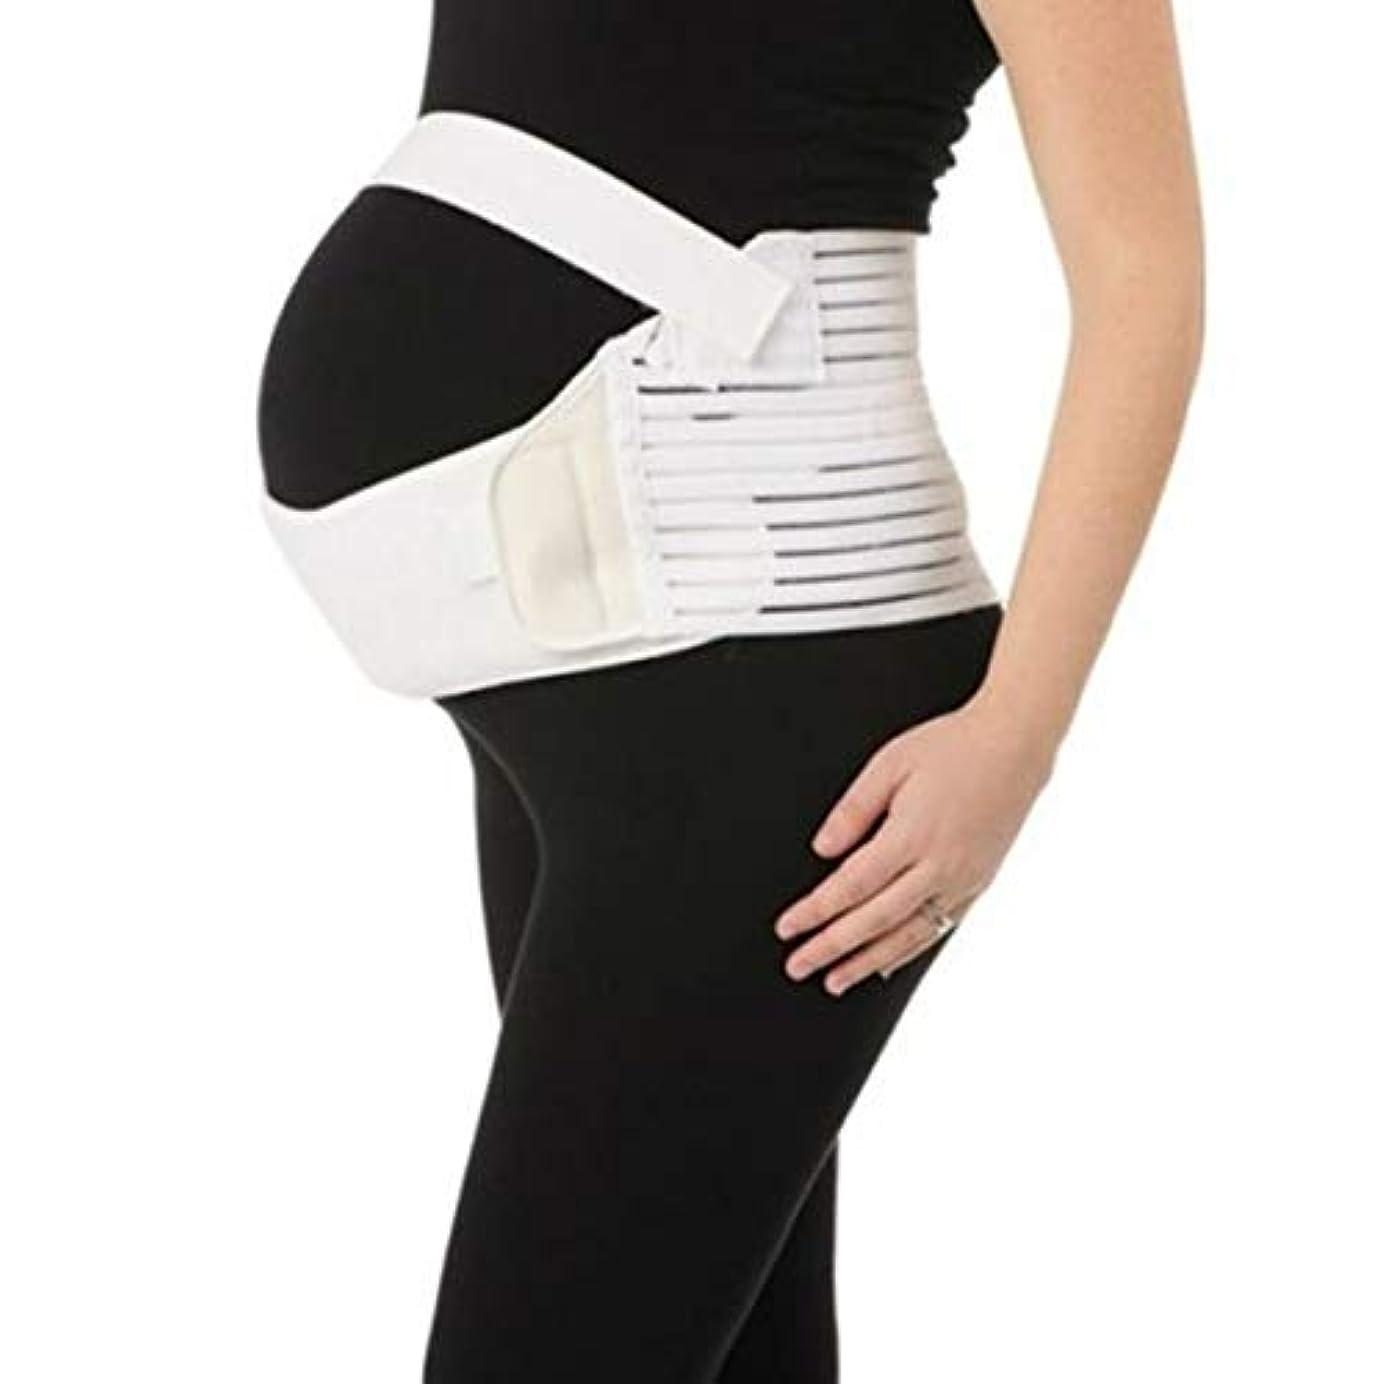 じゃないエージェント孤独な通気性産科ベルト妊娠腹部サポート腹部バインダーガードル運動包帯産後の回復形状ウェア - ホワイトM